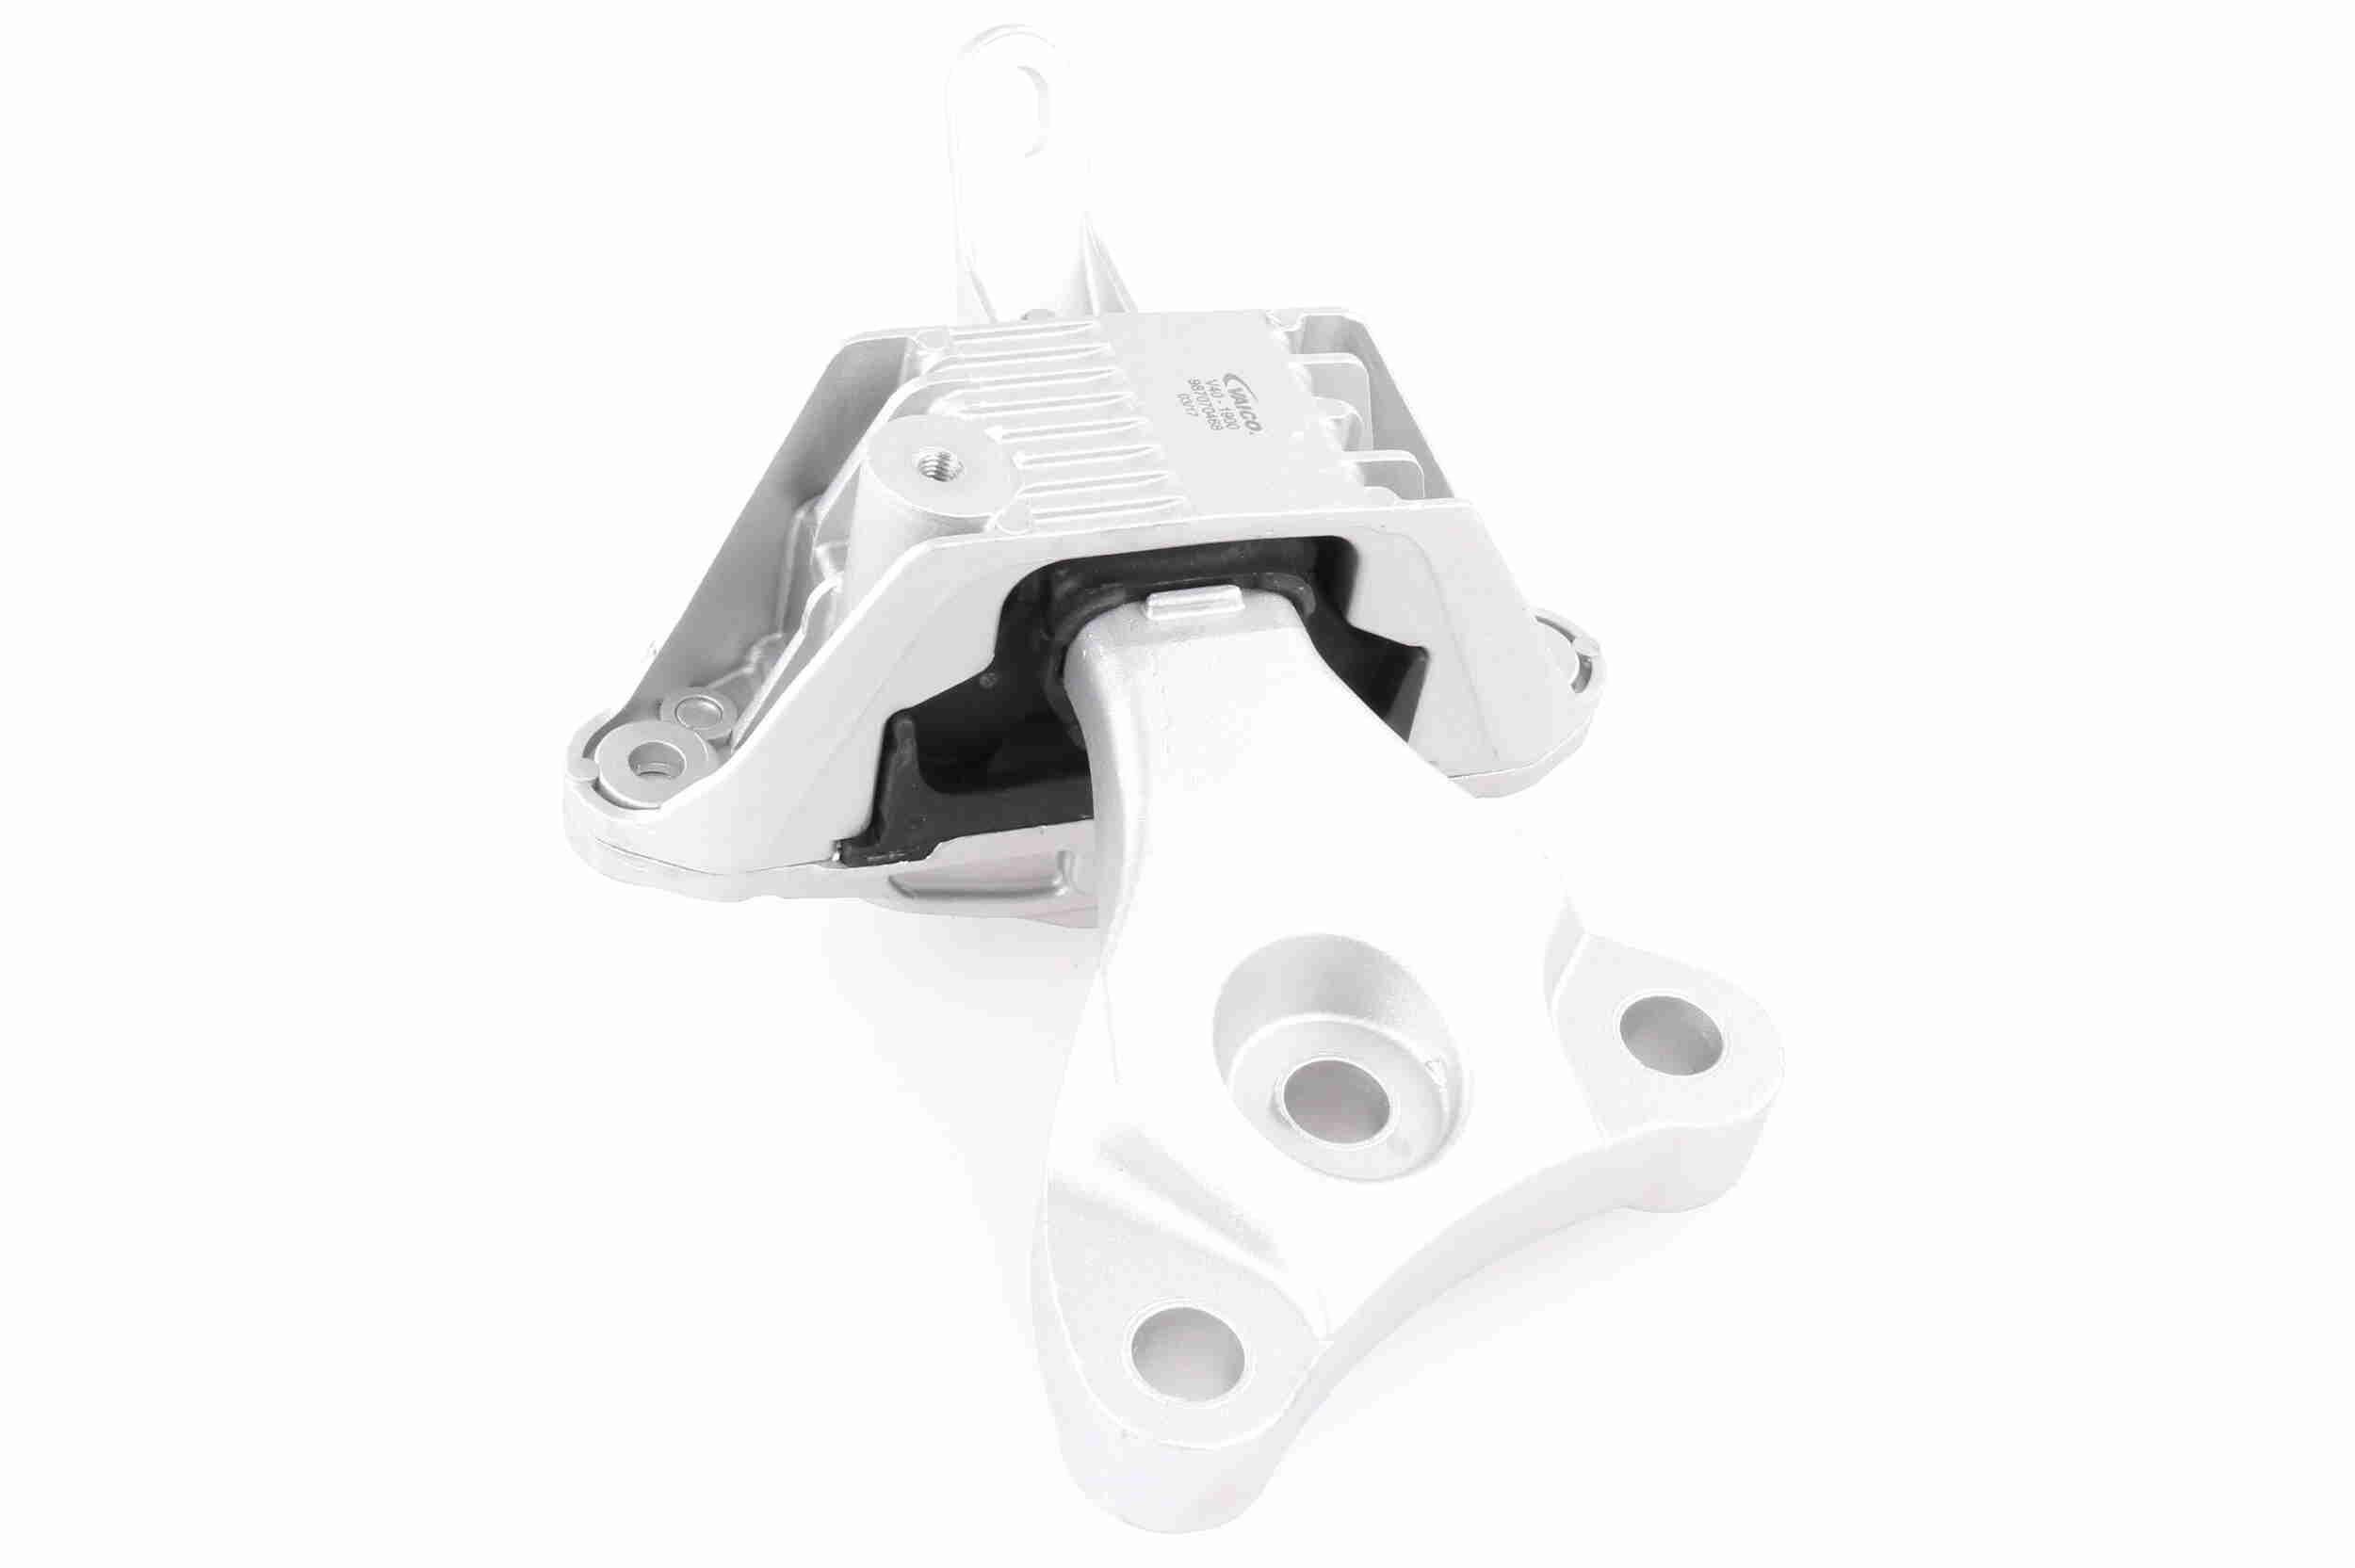 Supporto motore V40-1900 acquista online 24/7